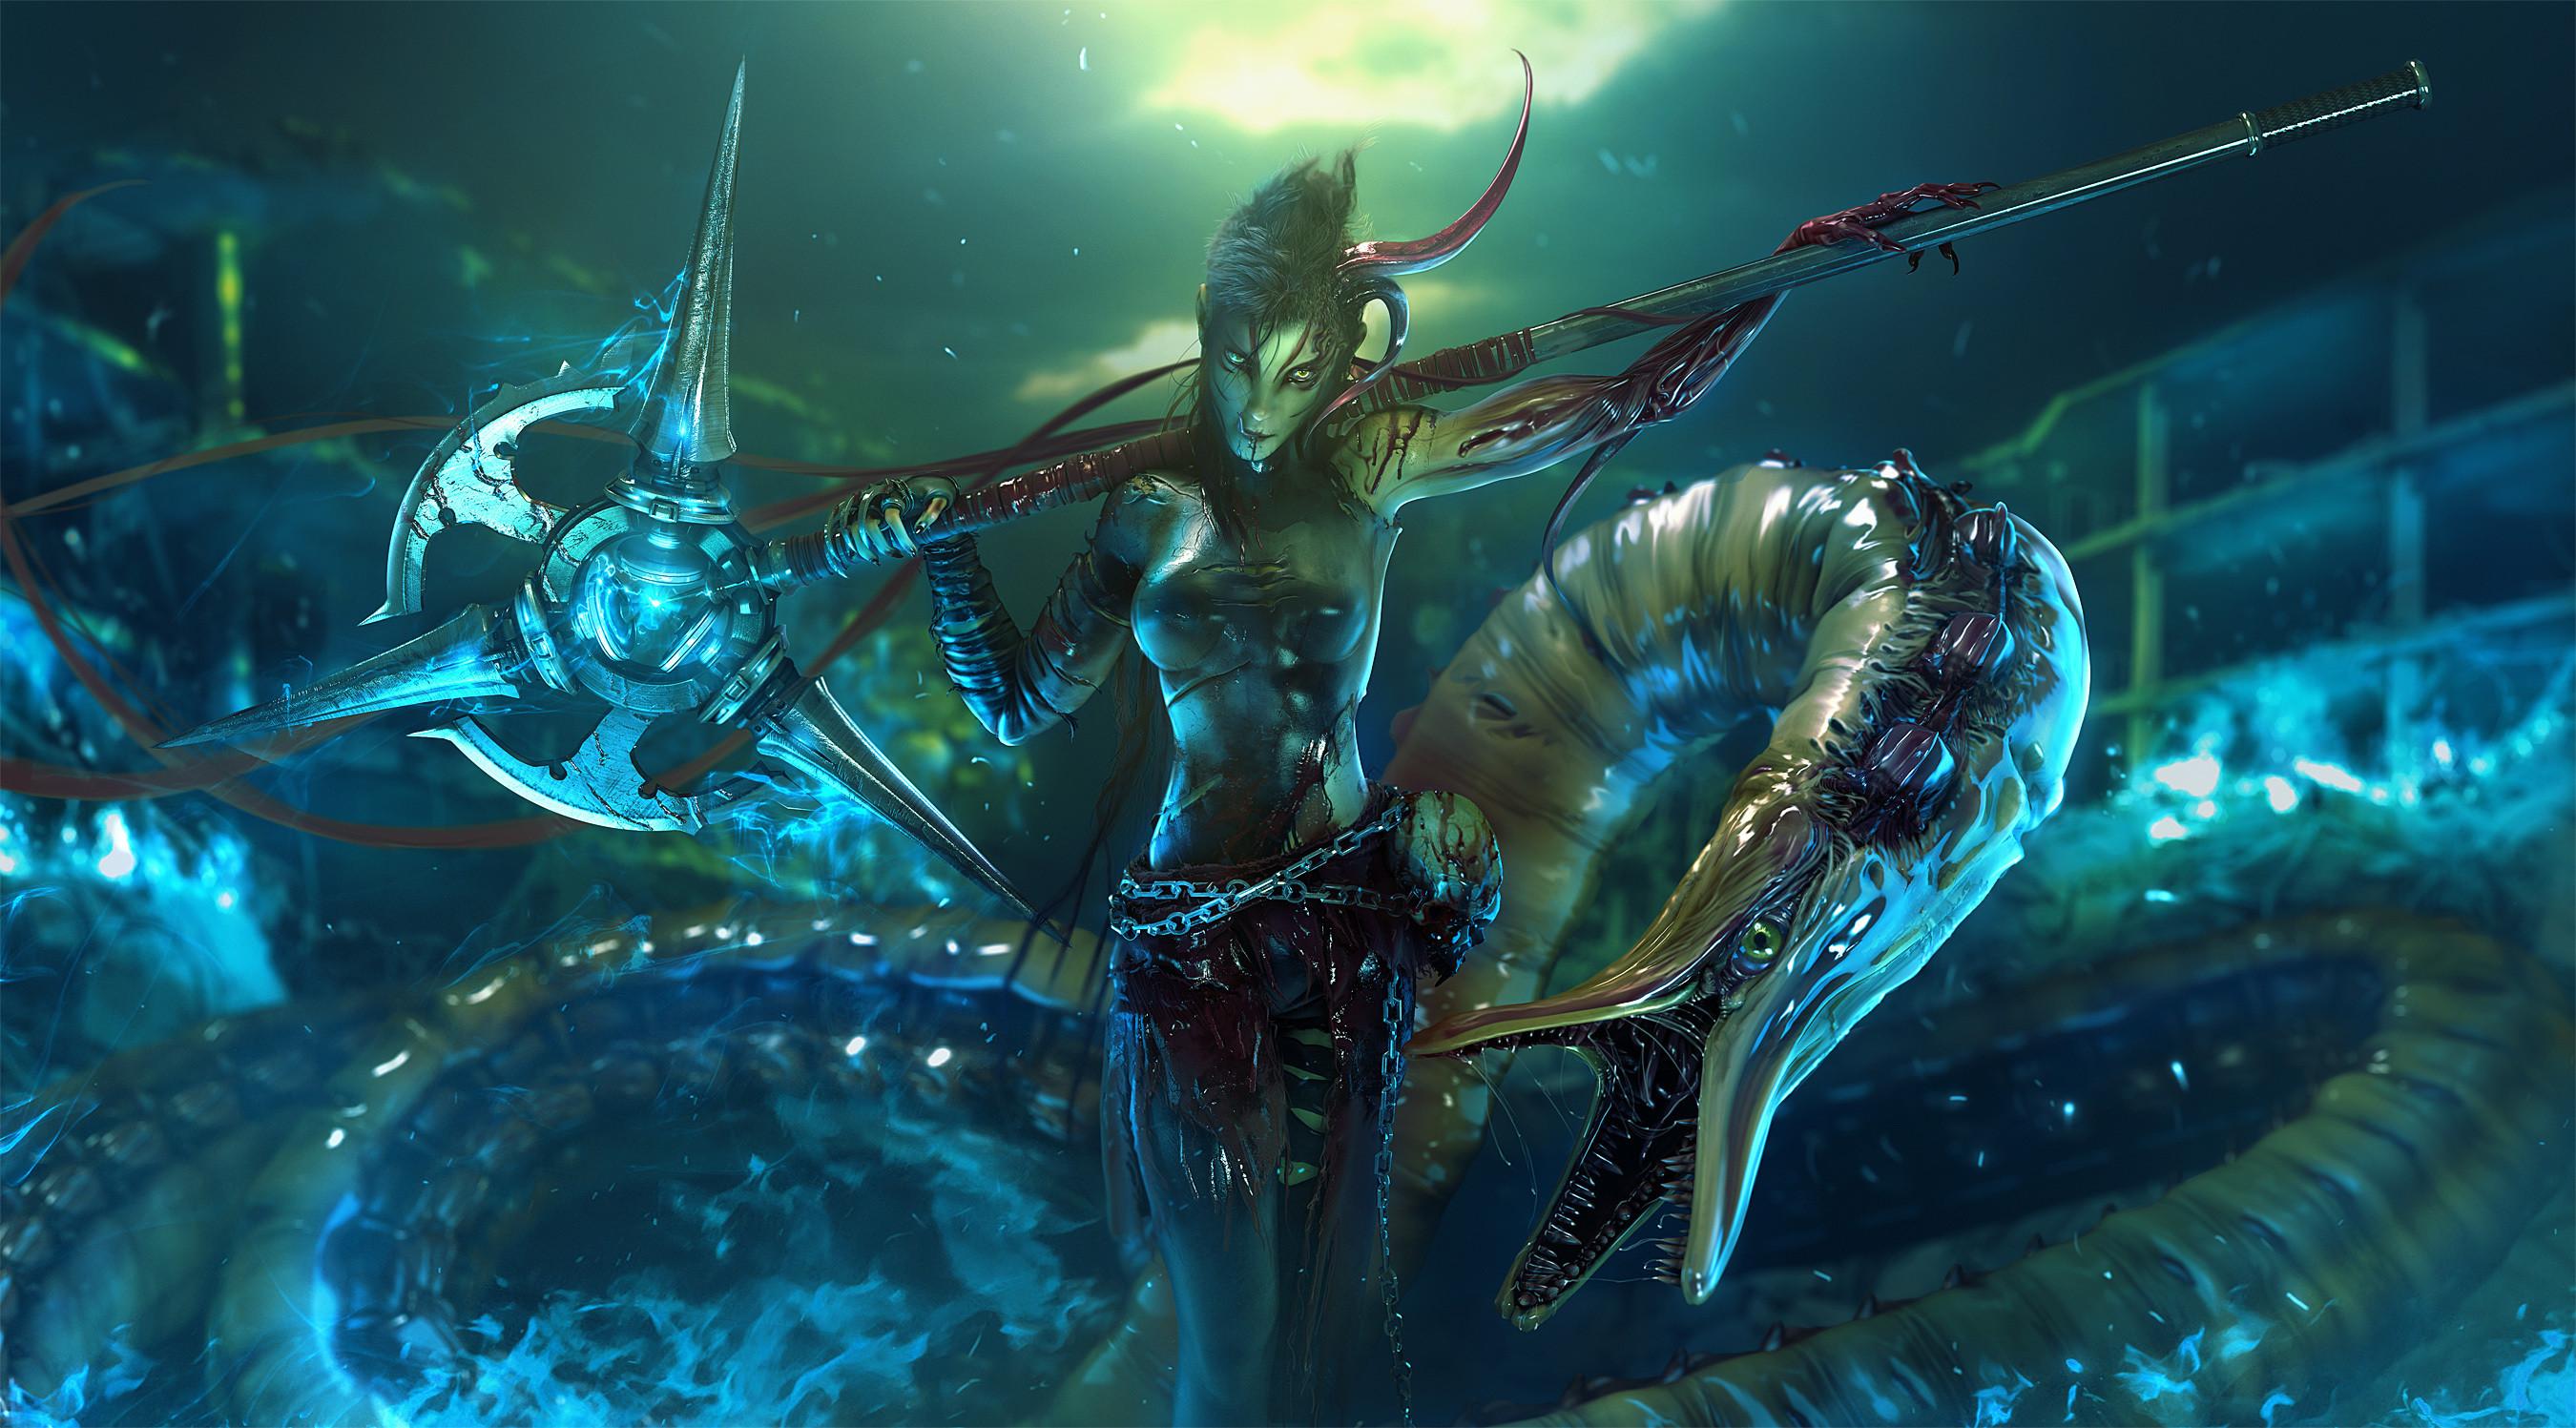 Fantasy – Sea Monster Magic Magical Magician Sorcerer Sorceress Fantasy  Wallpaper